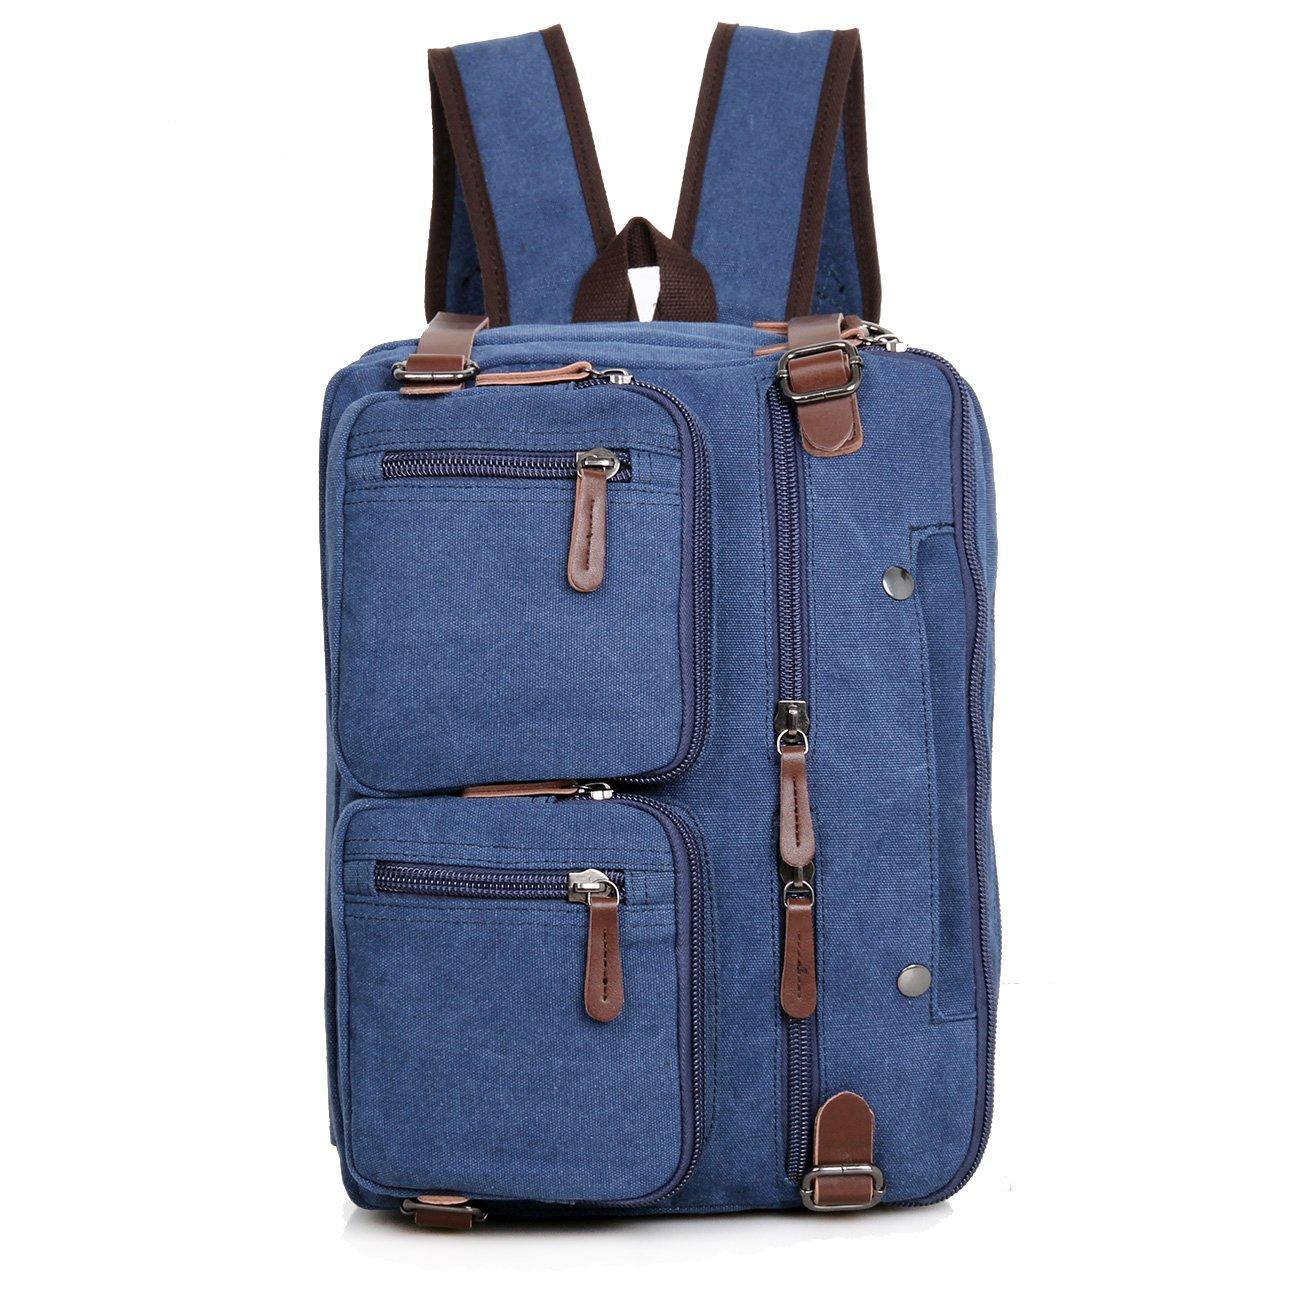 Clean Vintage Laptop Bag Hybrid Backpack Messenger Bag/Convertible Briefcase Backpack Satchel for Men Women- BookBag Rucksack Daypack-Waxed Canvas Leather, Blue by Clean Vintage (Image #5)